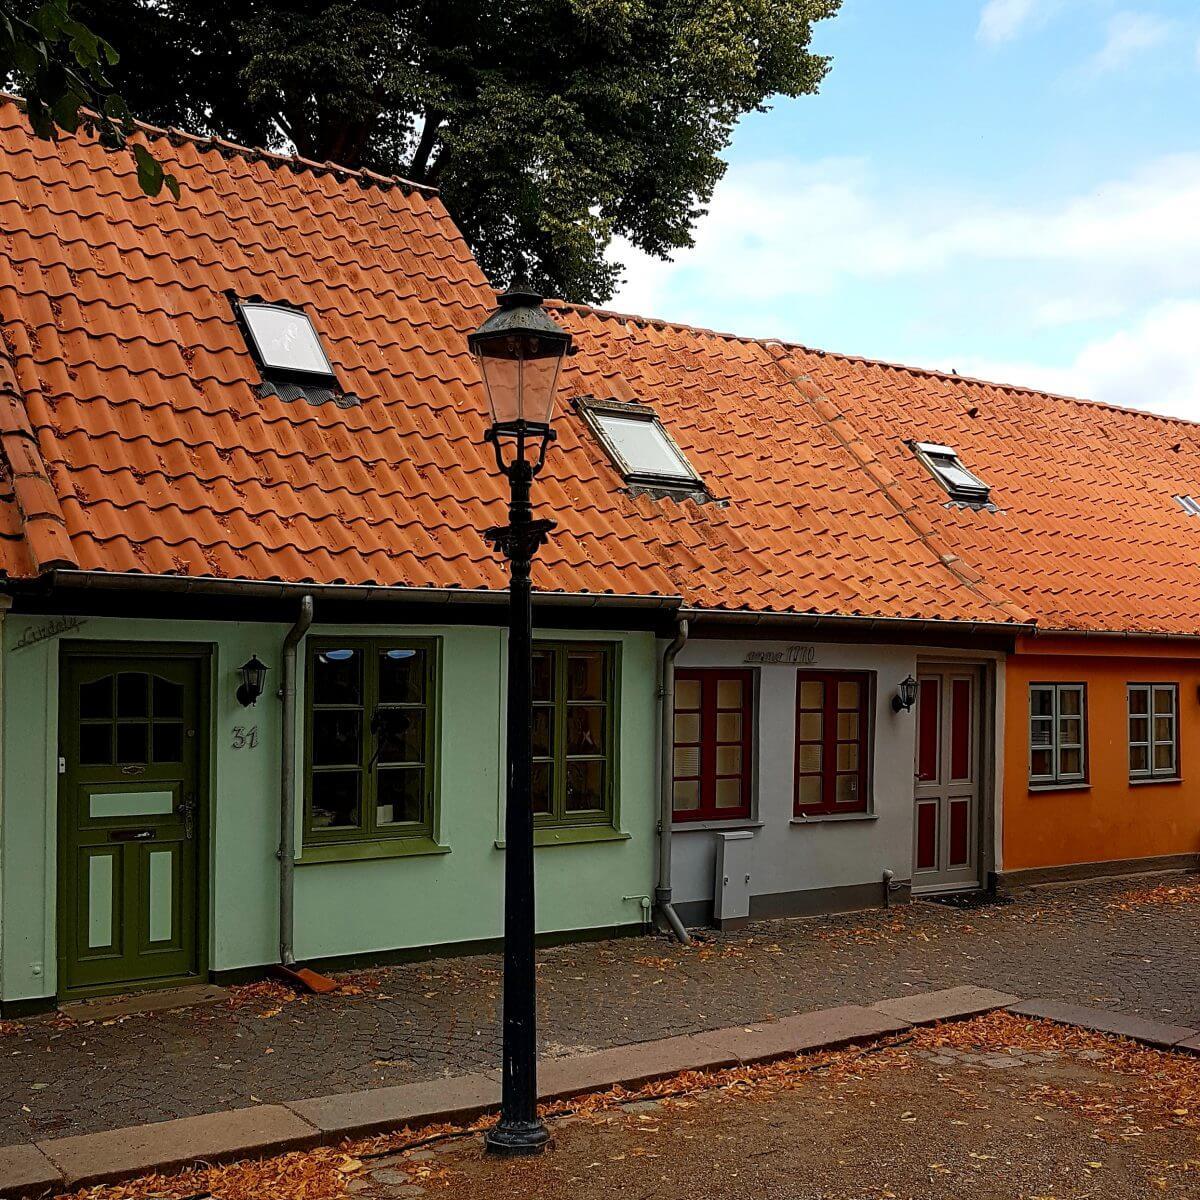 Vakantie met kids: sprookjesachtig Funen in Denemarken - de oude stad Bogense met strand en haven / Sankt Annagade